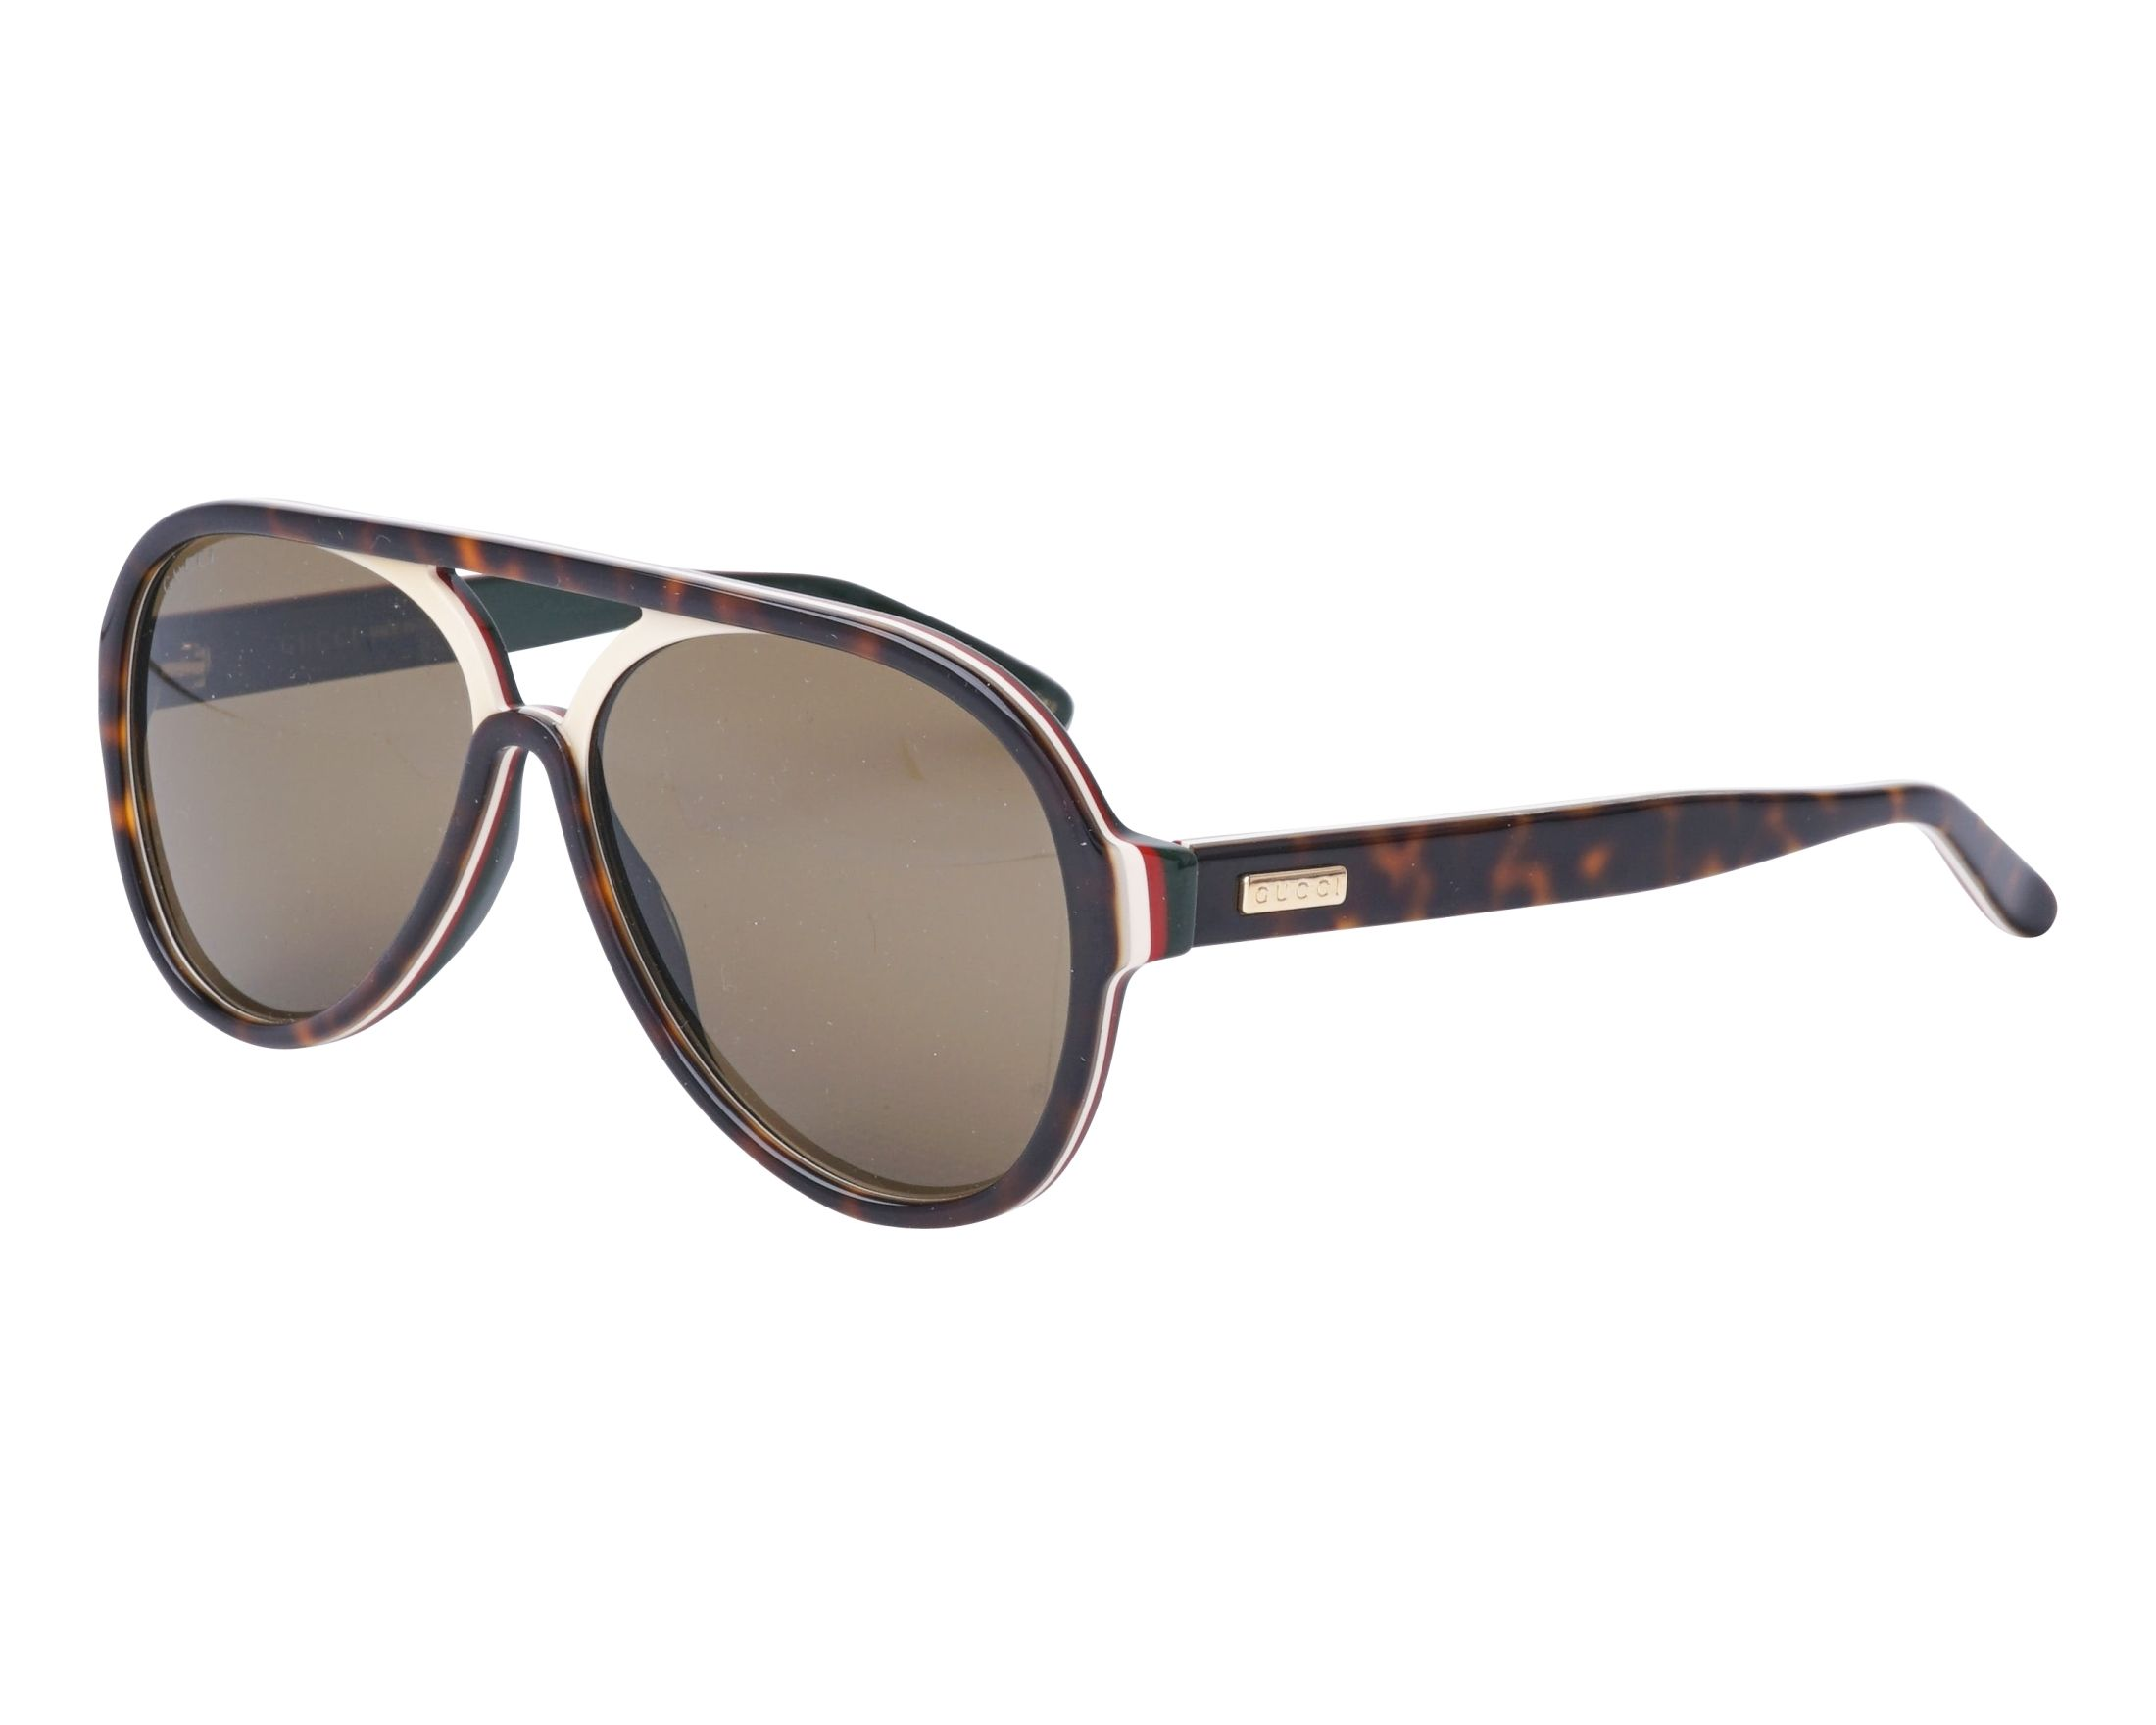 a8510cb386f Sunglasses Gucci GG-0270-S 003 57-14 Havana Beige profile view